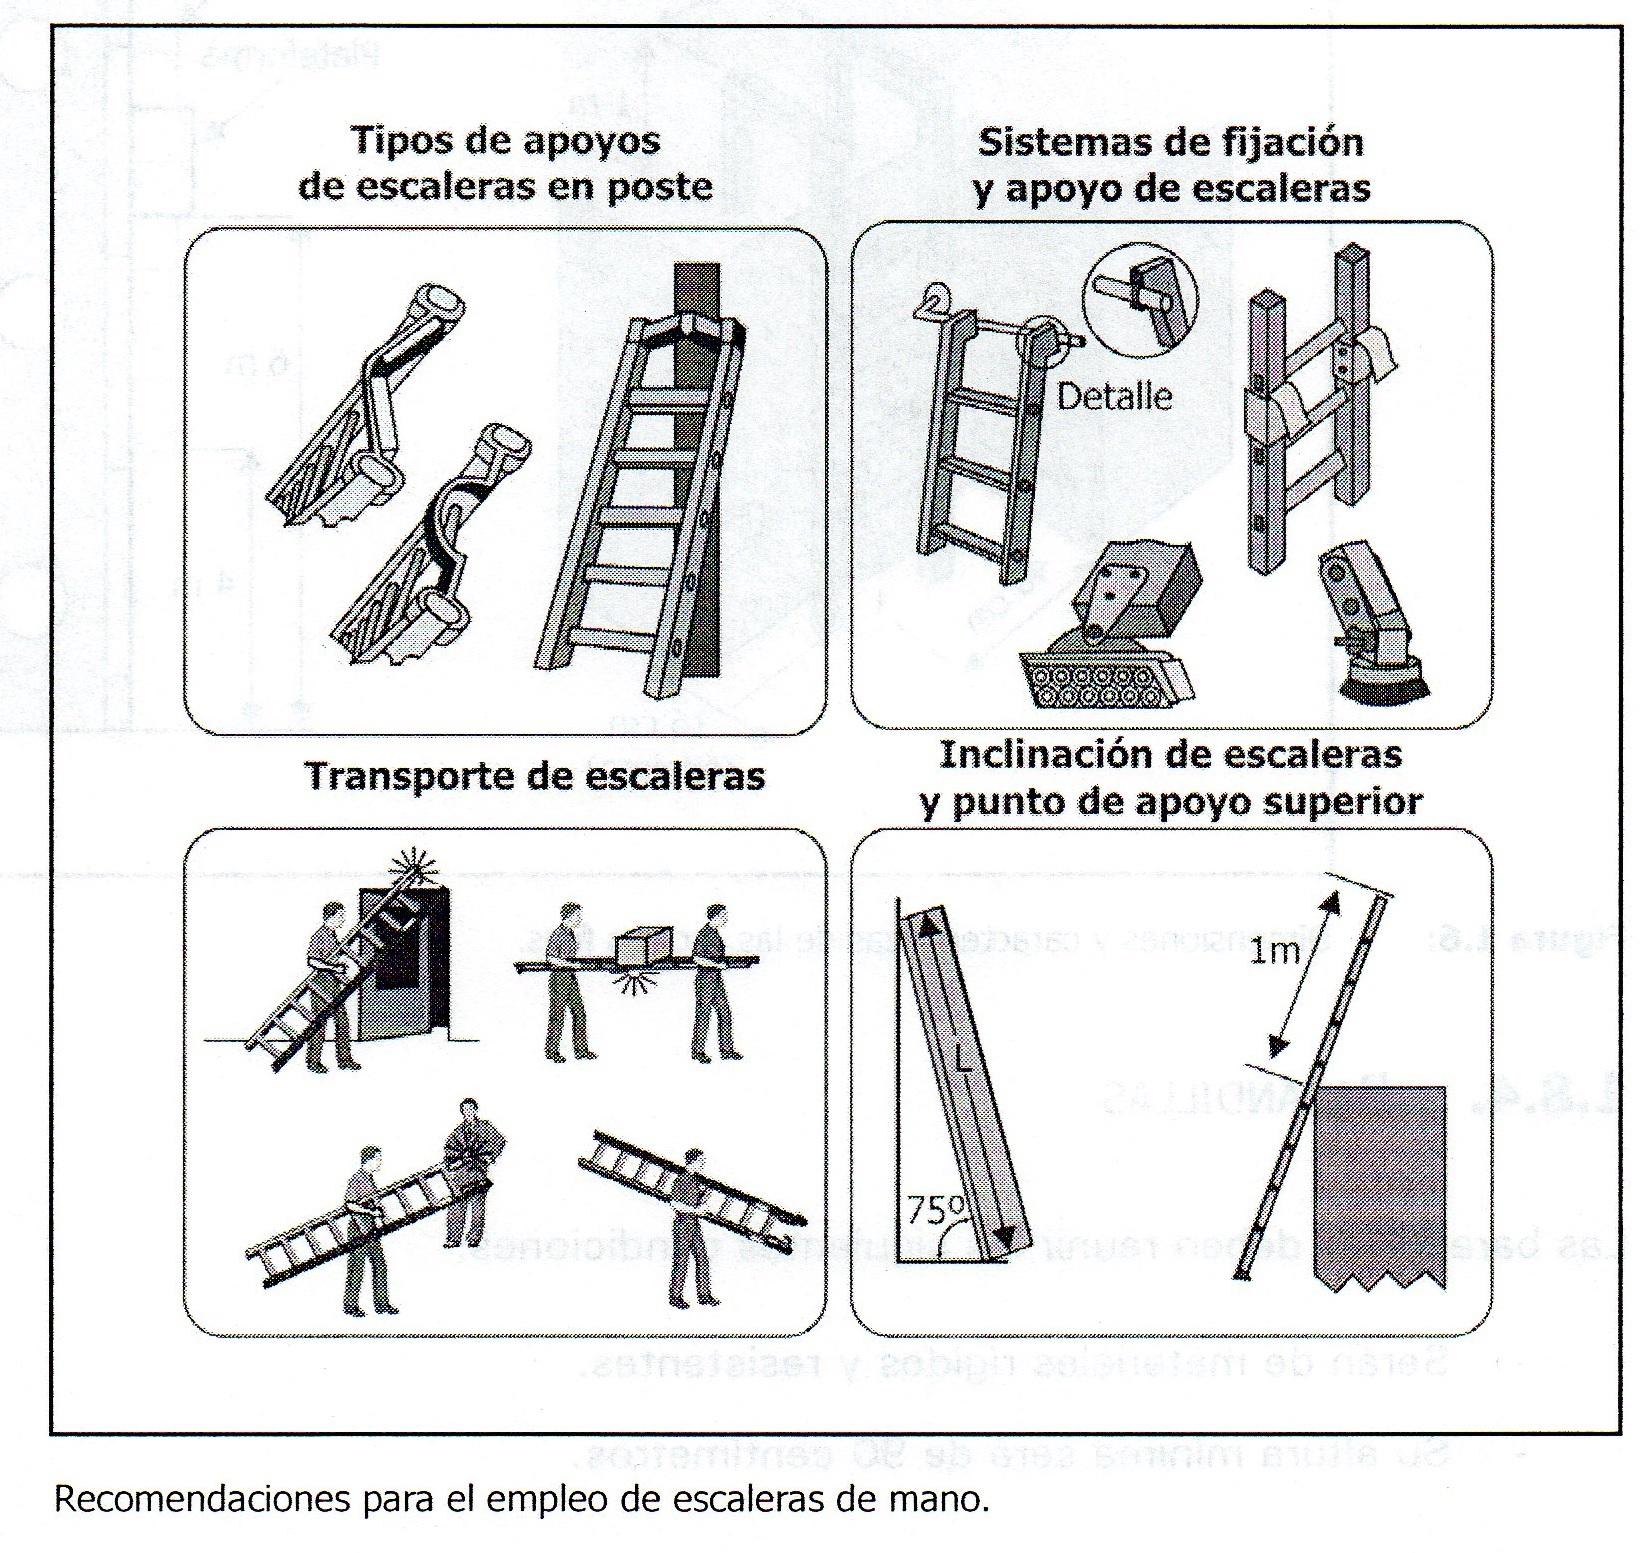 Escaleras satirnet safety - Escaleras de mano ...